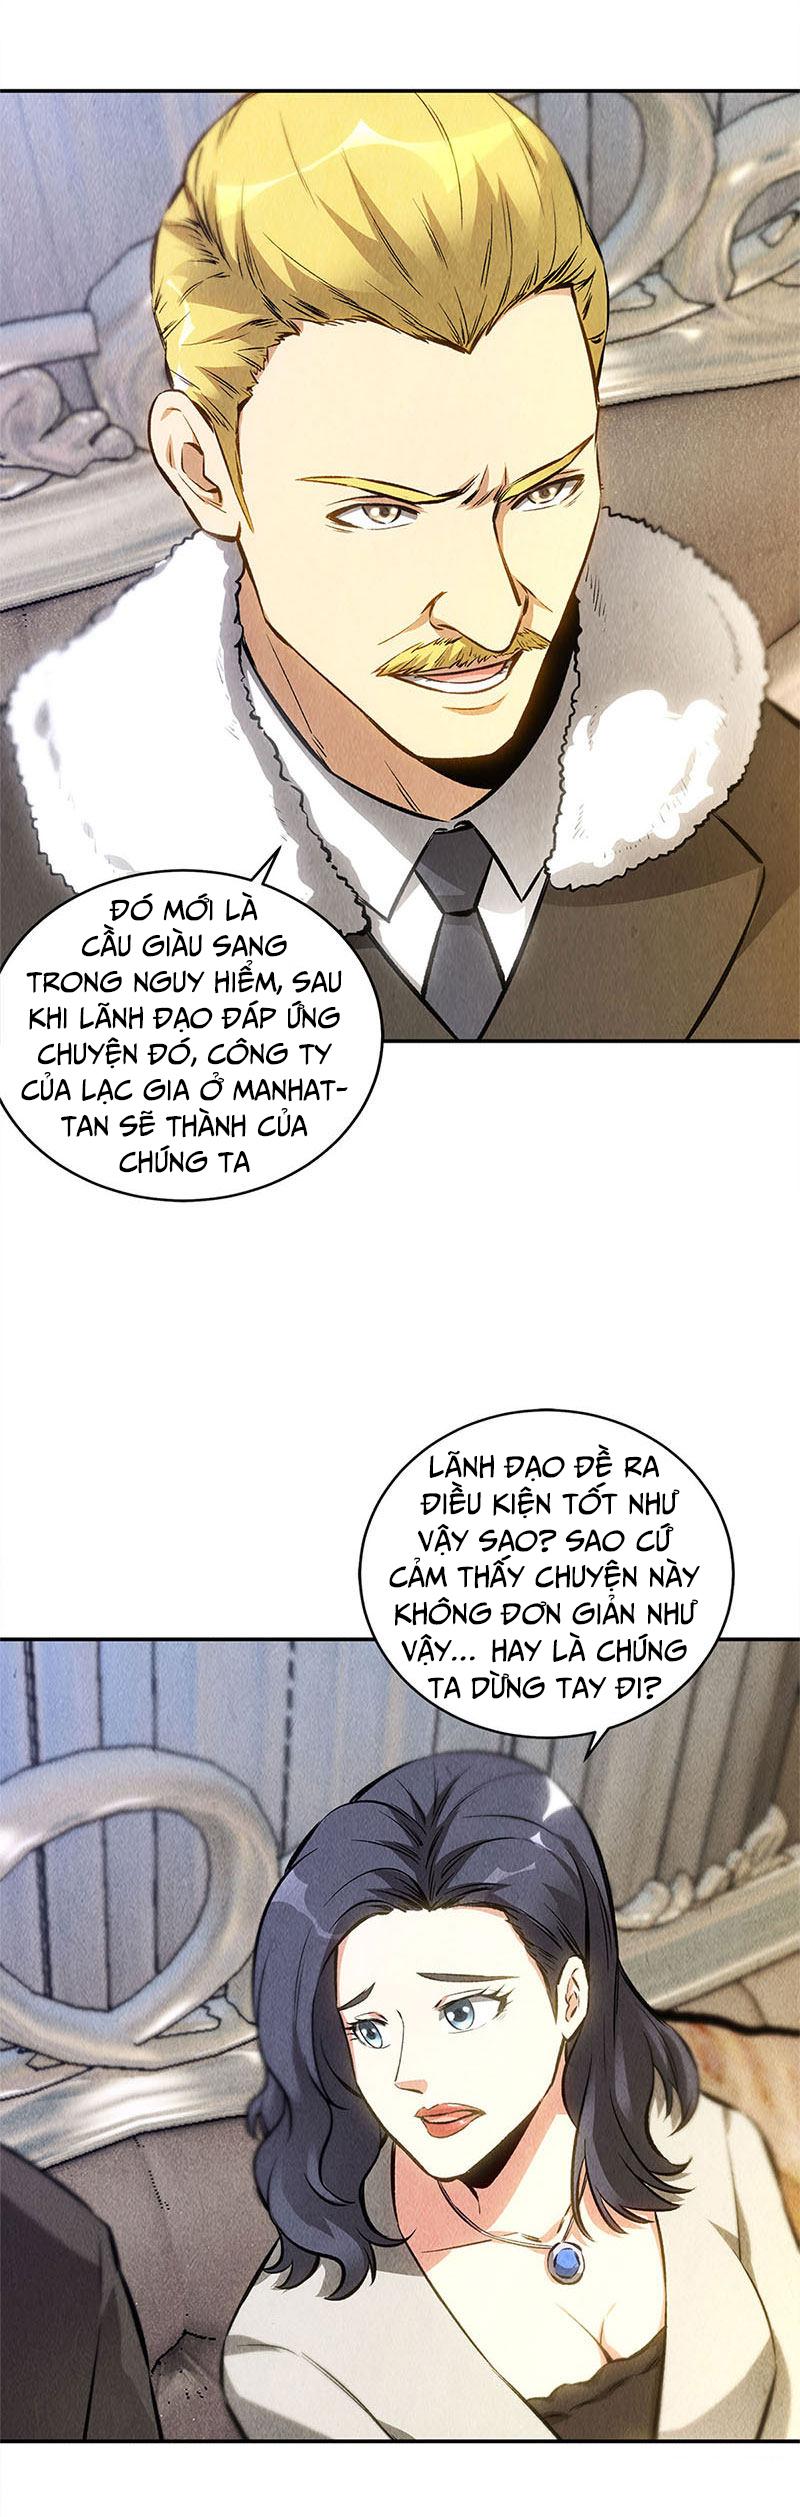 Ta Là Phế Vật chap 111 - Trang 13